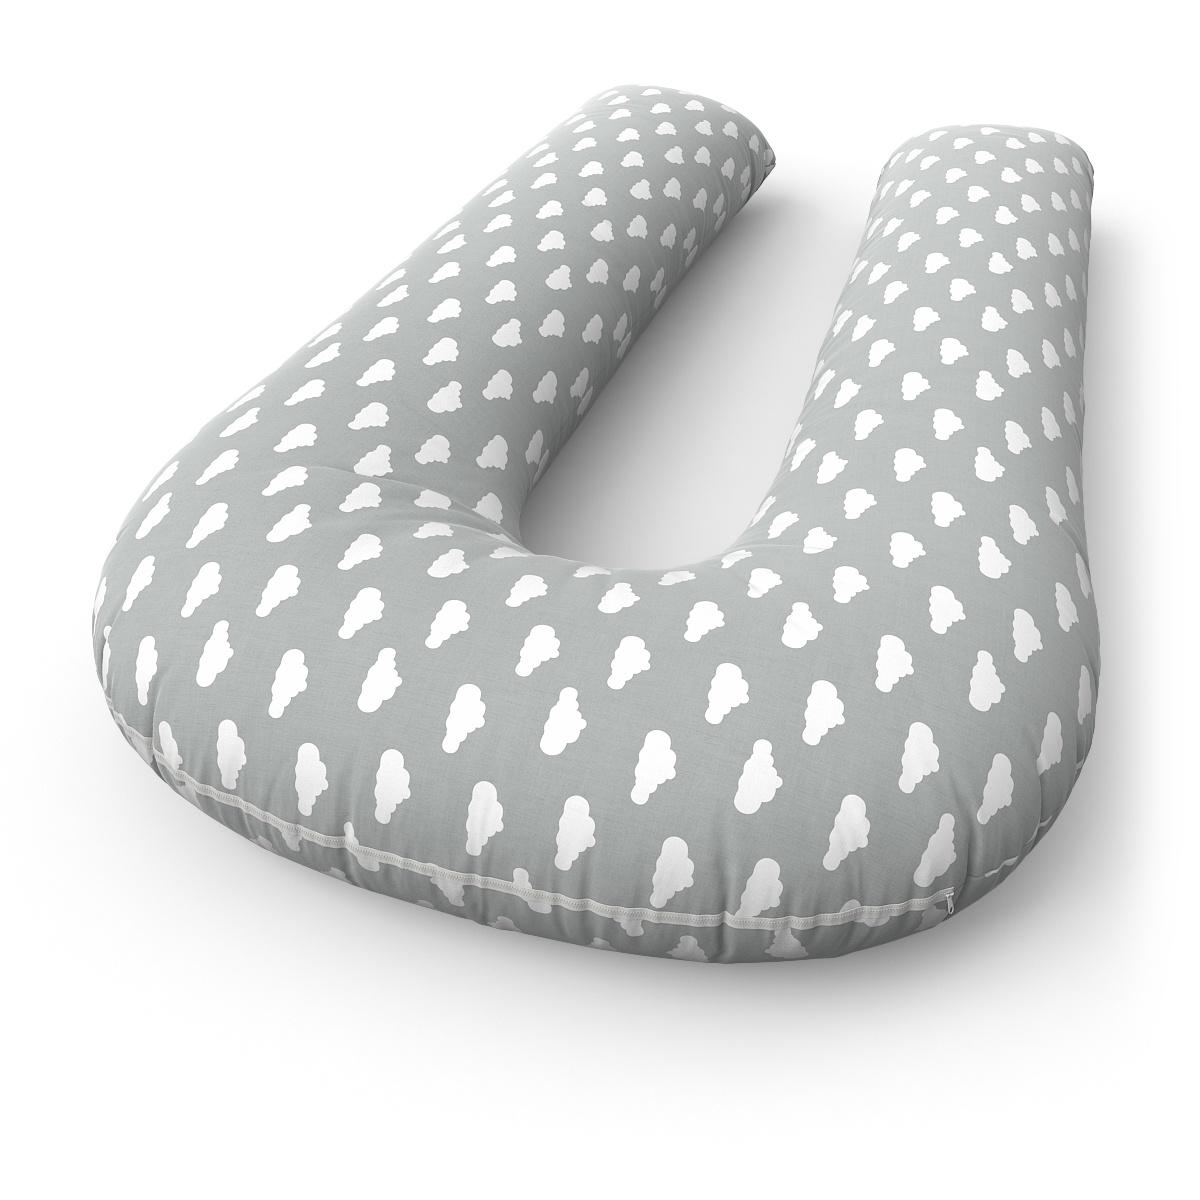 Наволочка Петербургский Уют на подушку для беременных и кормящих формы U Cloud Grey